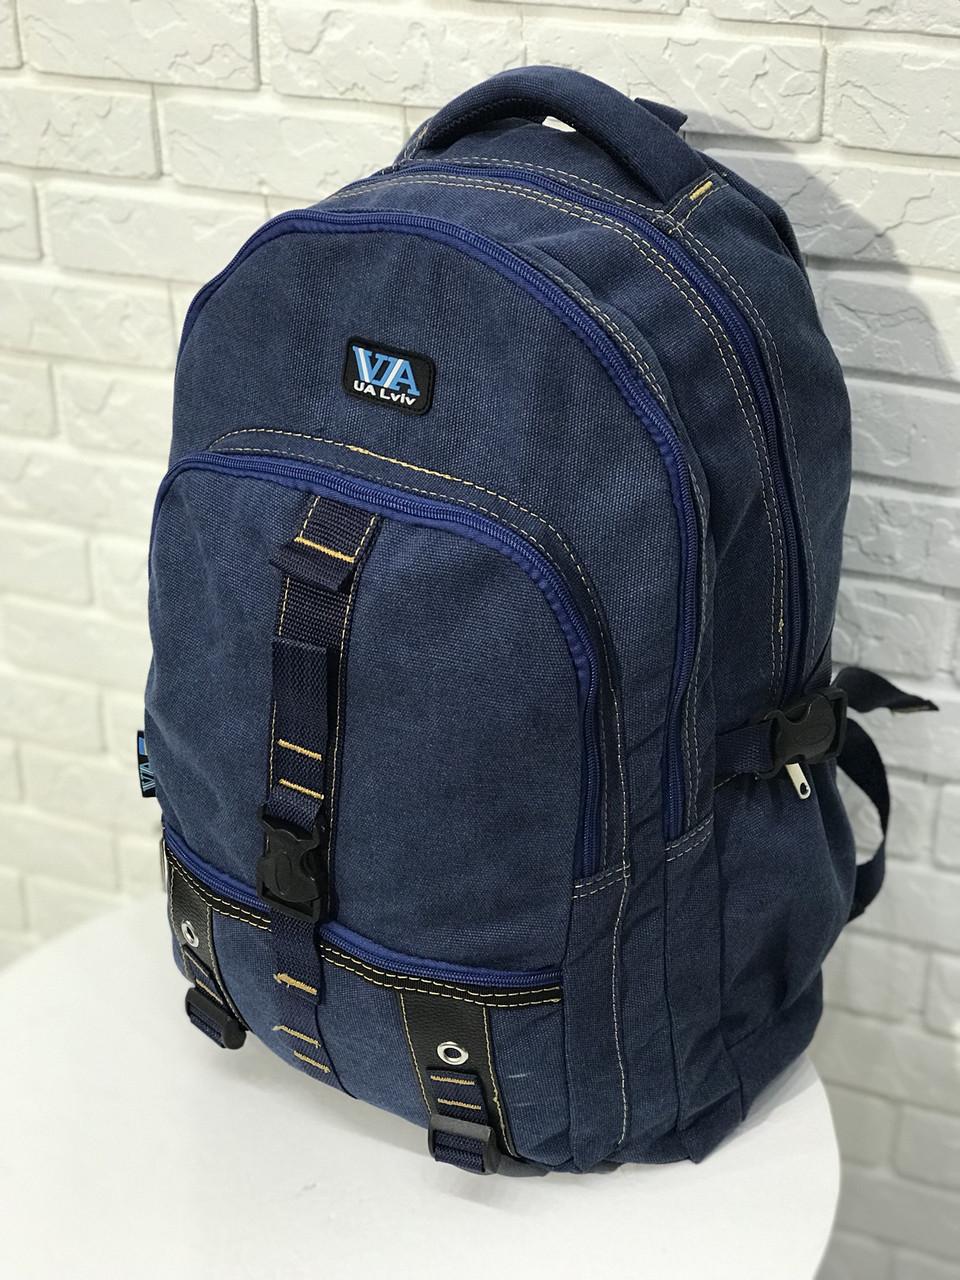 Городской рюкзак VA R-89-151, синий